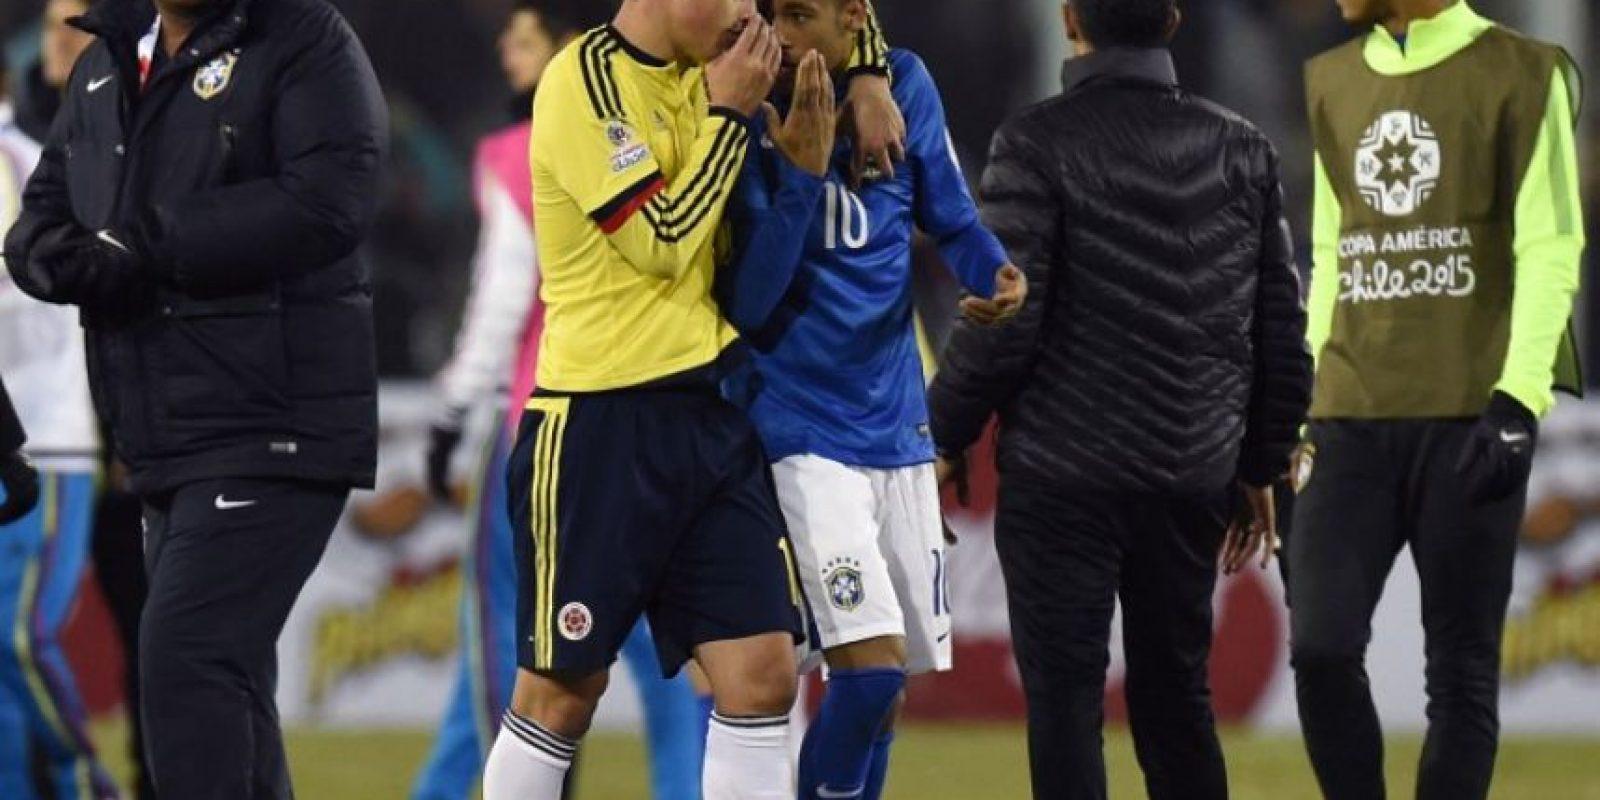 El partido entre Colombia y Brasil terminó en una pequeña gresca Foto:AFP